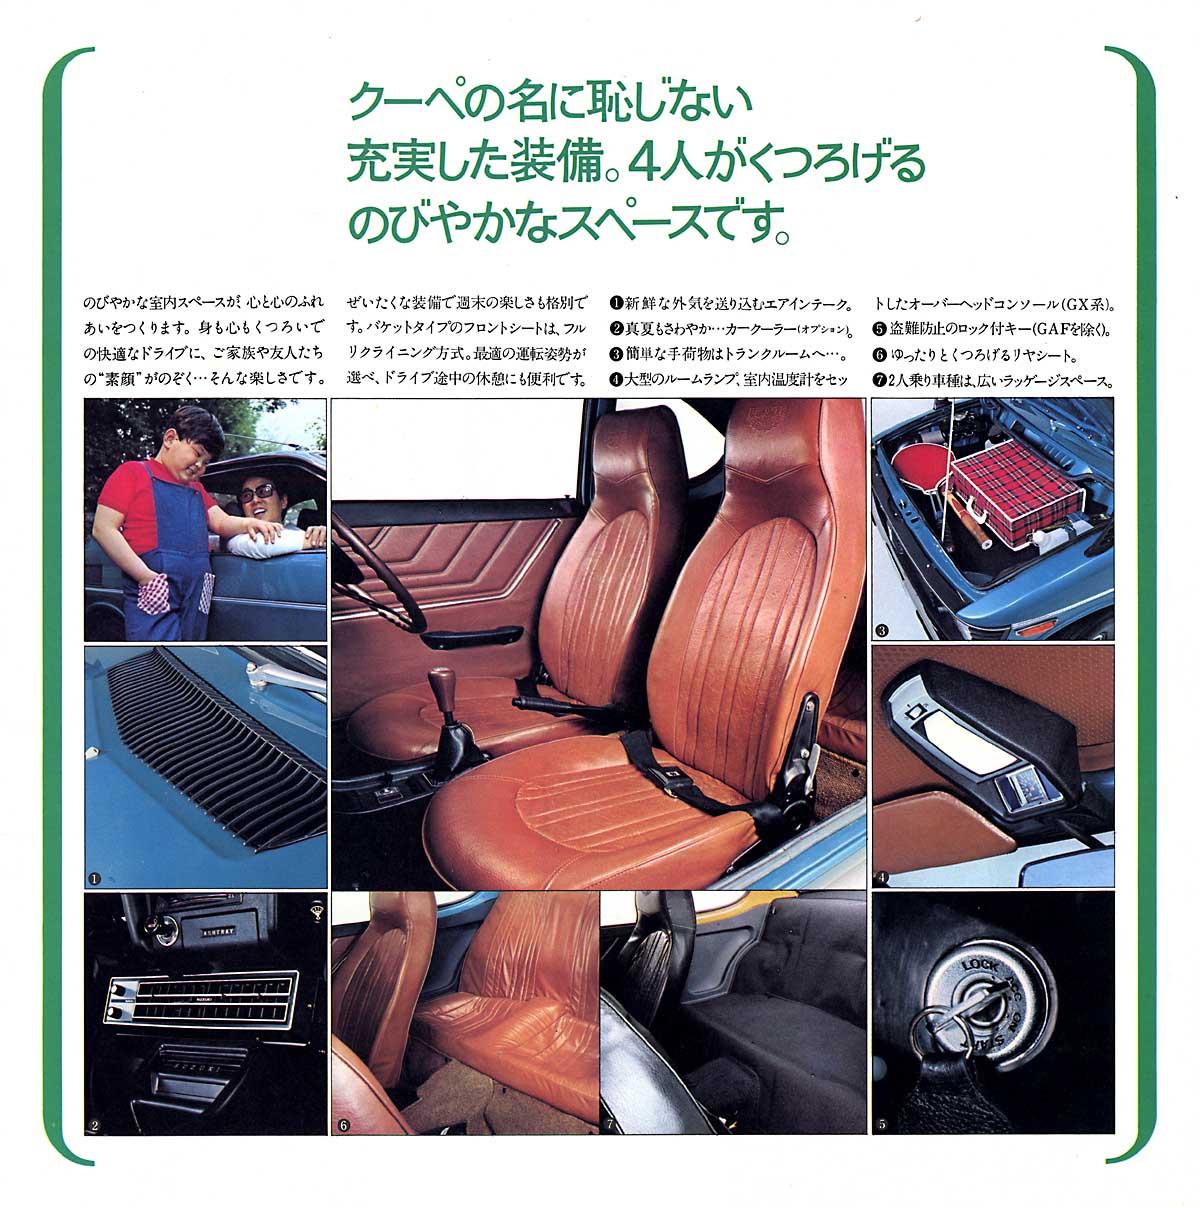 suzuki fronte coupe, wyposażenie, akcesoria, broszura, mały samochód, ciekawe niewielkie auta, silnik 3-cylindrowy